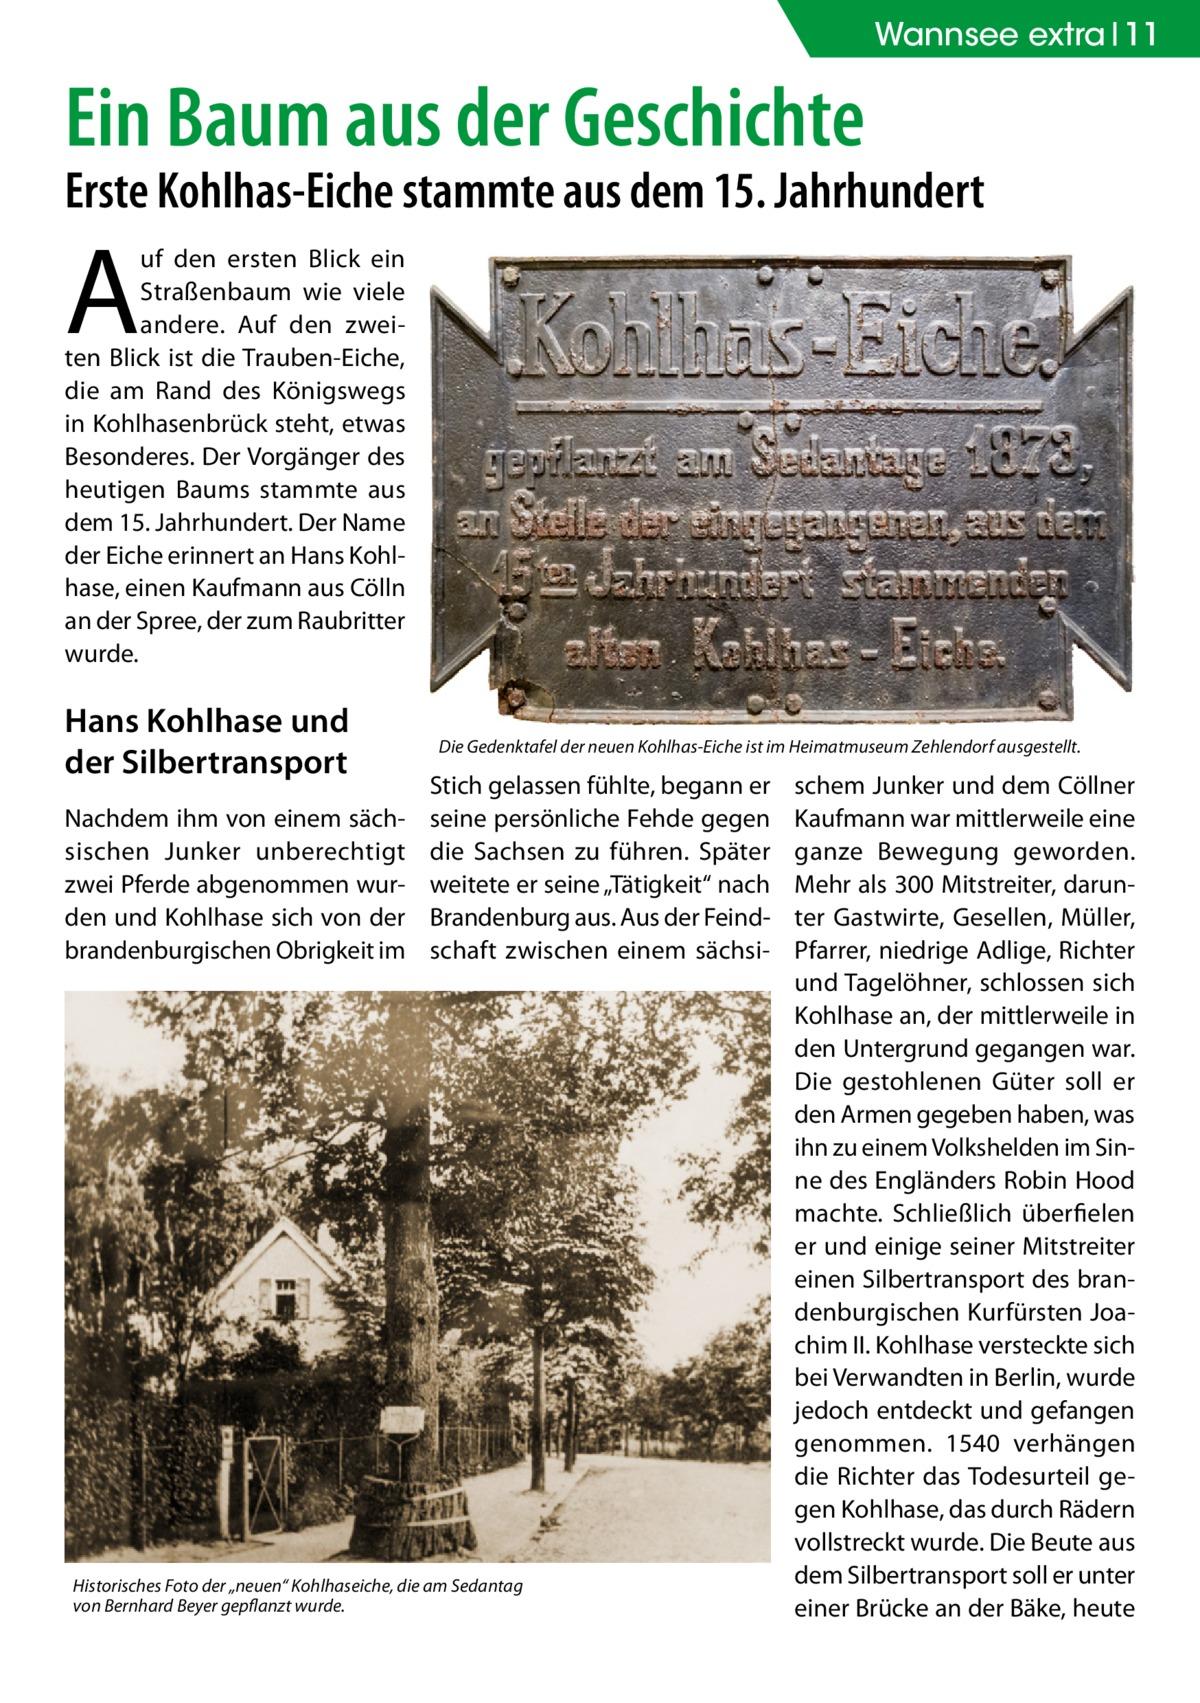 """Wannsee extra 11  Ein Baum aus der Geschichte  Erste Kohlhas-Eiche stammte aus dem 15.Jahrhundert  A  uf den ersten Blick ein Straßenbaum wie viele andere. Auf den zweiten Blick ist die Trauben-Eiche, die am Rand des Königswegs in Kohlhasenbrück steht, etwas Besonderes. Der Vorgänger des heutigen Baums stammte aus dem 15.Jahrhundert. Der Name der Eiche erinnert an Hans Kohlhase, einen Kaufmann aus Cölln an der Spree, der zum Raubritter wurde.  Hans Kohlhase und der Silbertransport Nachdem ihm von einem sächsischen Junker unberechtigt zwei Pferde abgenommen wurden und Kohlhase sich von der brandenburgischen Obrigkeit im  Die Gedenktafel der neuen Kohlhas-Eiche ist im Heimatmuseum Zehlendorf ausgestellt.  Stich gelassen fühlte, begann er seine persönliche Fehde gegen die Sachsen zu führen. Später weitete er seine """"Tätigkeit"""" nach Brandenburg aus. Aus der Feindschaft zwischen einem sächsi Historisches Foto der """"neuen"""" Kohlhaseiche, die am Sedantag von Bernhard Beyer gepflanzt wurde.  schem Junker und dem Cöllner Kaufmann war mittlerweile eine ganze Bewegung geworden. Mehr als 300 Mitstreiter, darunter Gastwirte, Gesellen, Müller, Pfarrer, niedrige Adlige, Richter und Tagelöhner, schlossen sich Kohlhase an, der mittlerweile in den Untergrund gegangen war. Die gestohlenen Güter soll er den Armen gegeben haben, was ihn zu einem Volkshelden im Sinne des Engländers Robin Hood machte. Schließlich überfielen er und einige seiner Mitstreiter einen Silbertransport des brandenburgischen Kurfürsten Joachim II. Kohlhase versteckte sich bei Verwandten in Berlin, wurde jedoch entdeckt und gefangen genommen. 1540 verhängen die Richter das Todesurteil gegen Kohlhase, das durch Rädern vollstreckt wurde. Die Beute aus dem Silbertransport soll er unter einer Brücke an der Bäke, heute"""